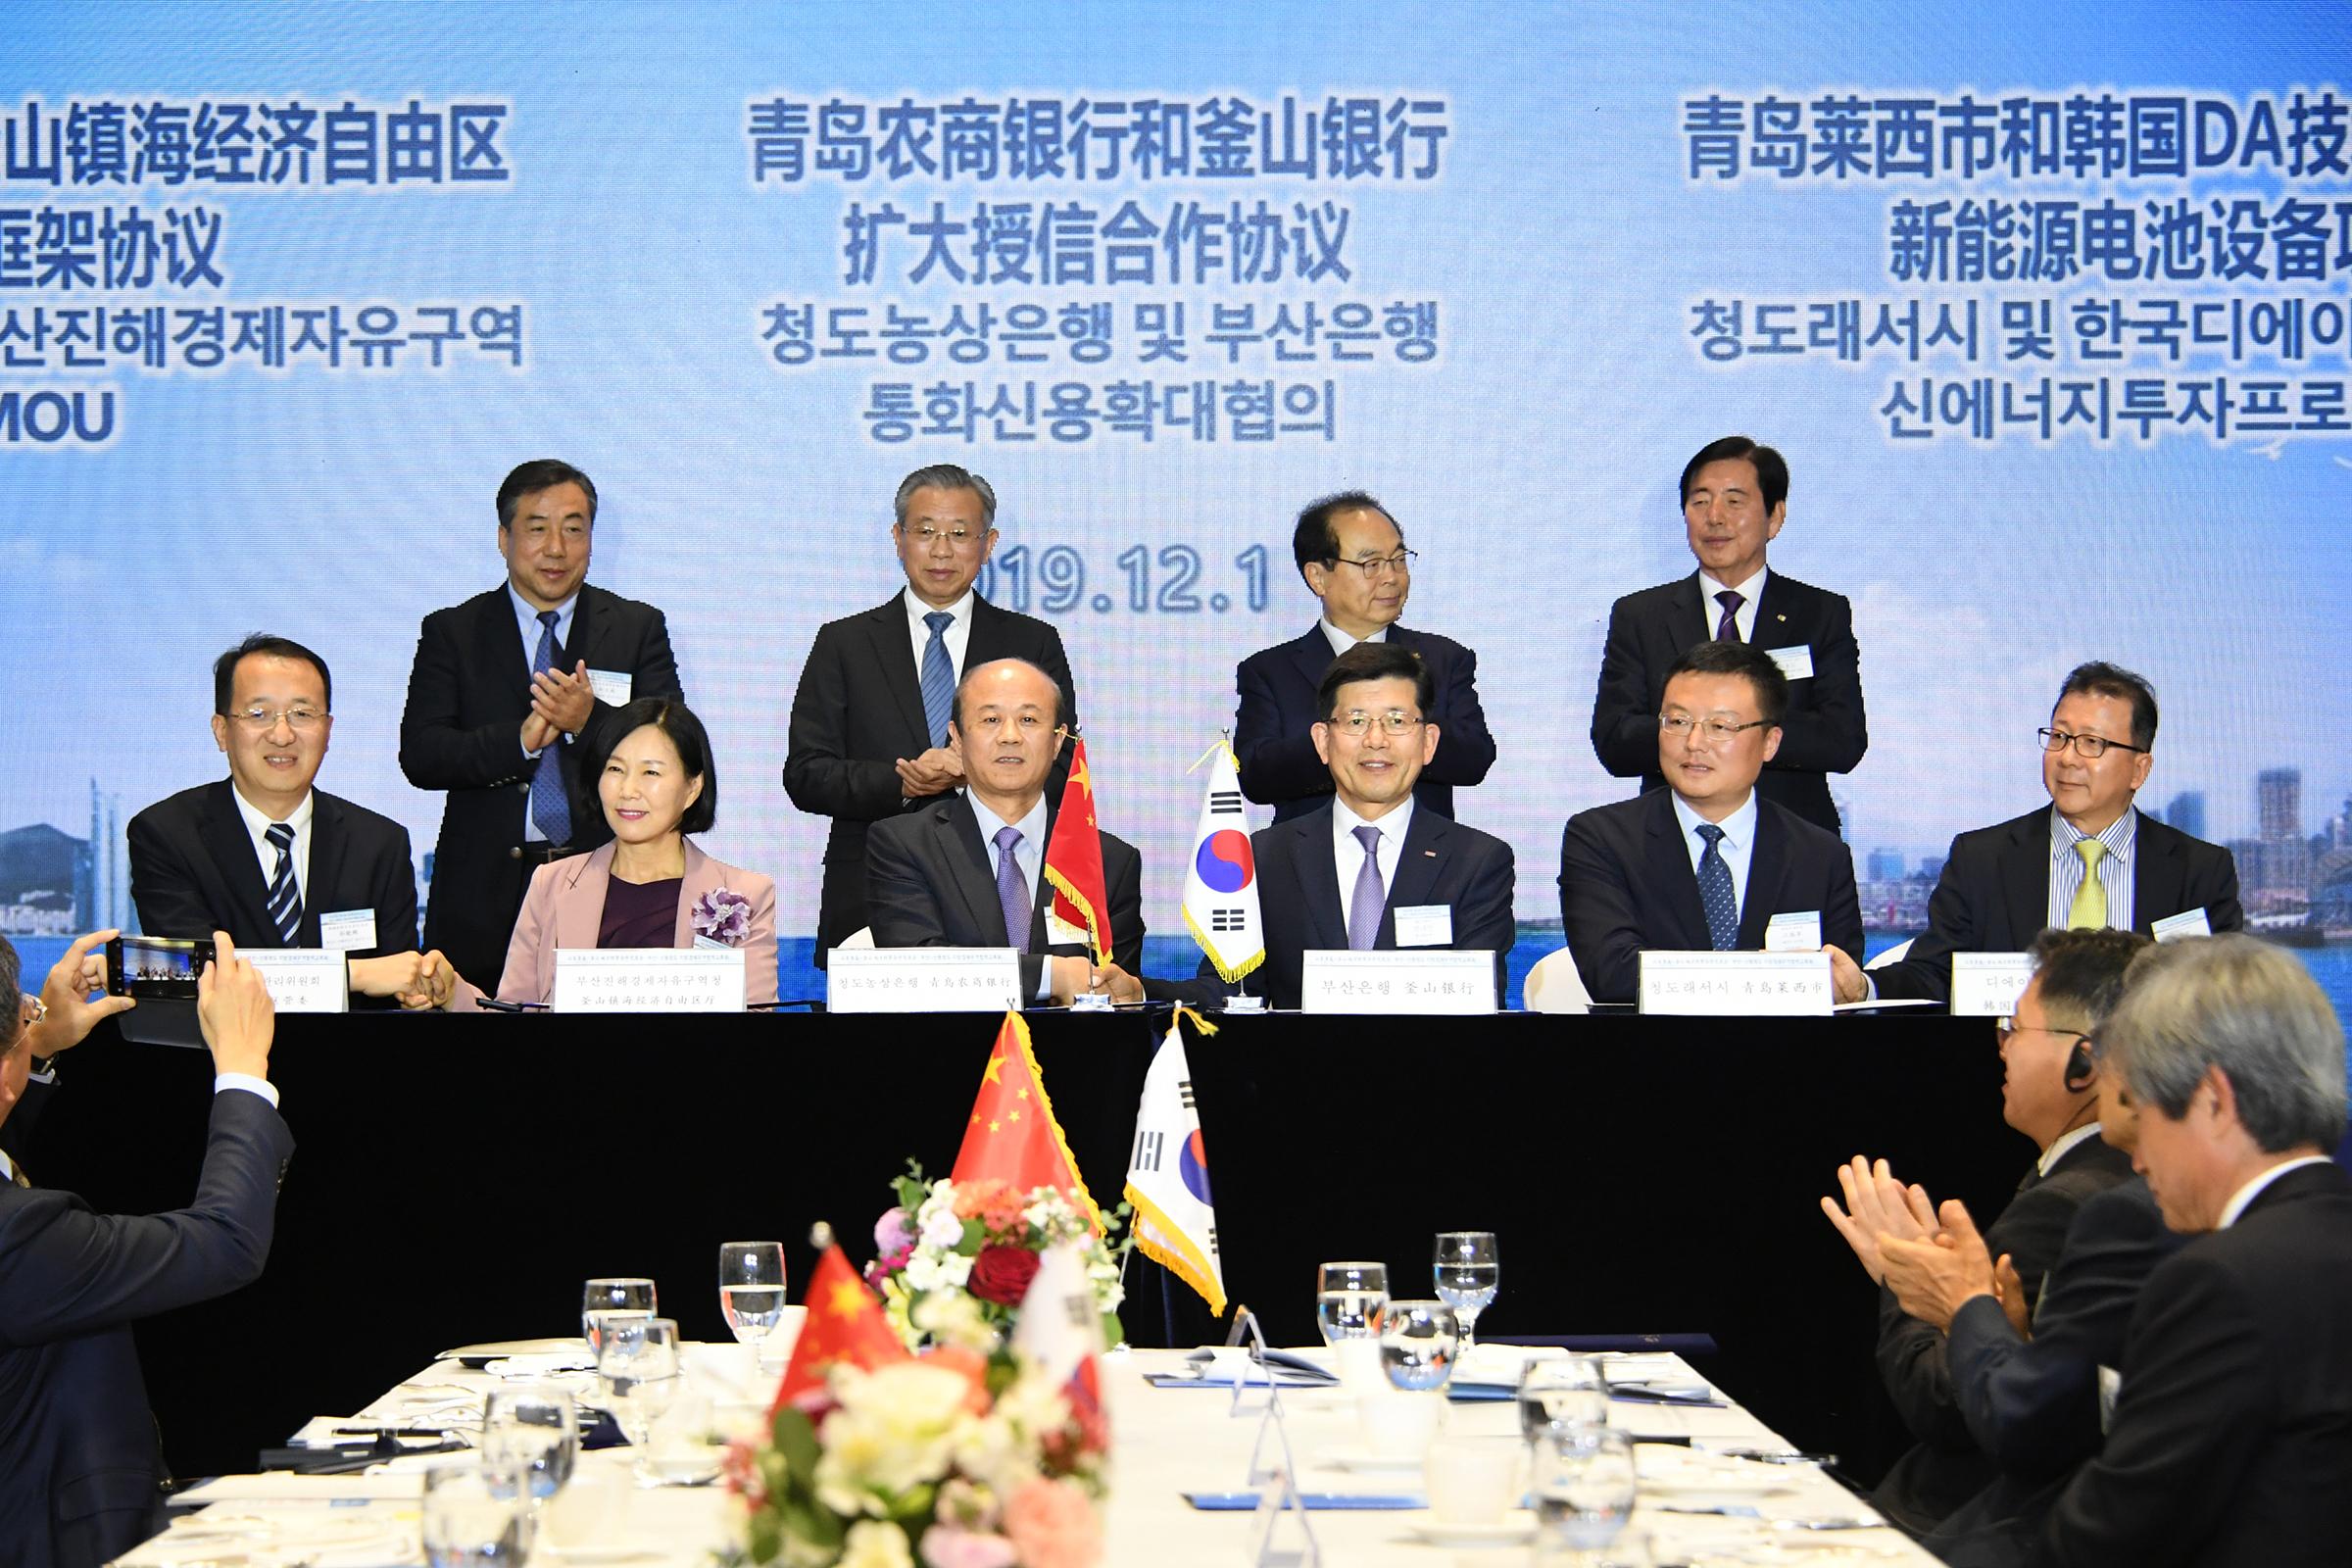 跨境金融合作再深化 青岛农商银行与釜山银行签